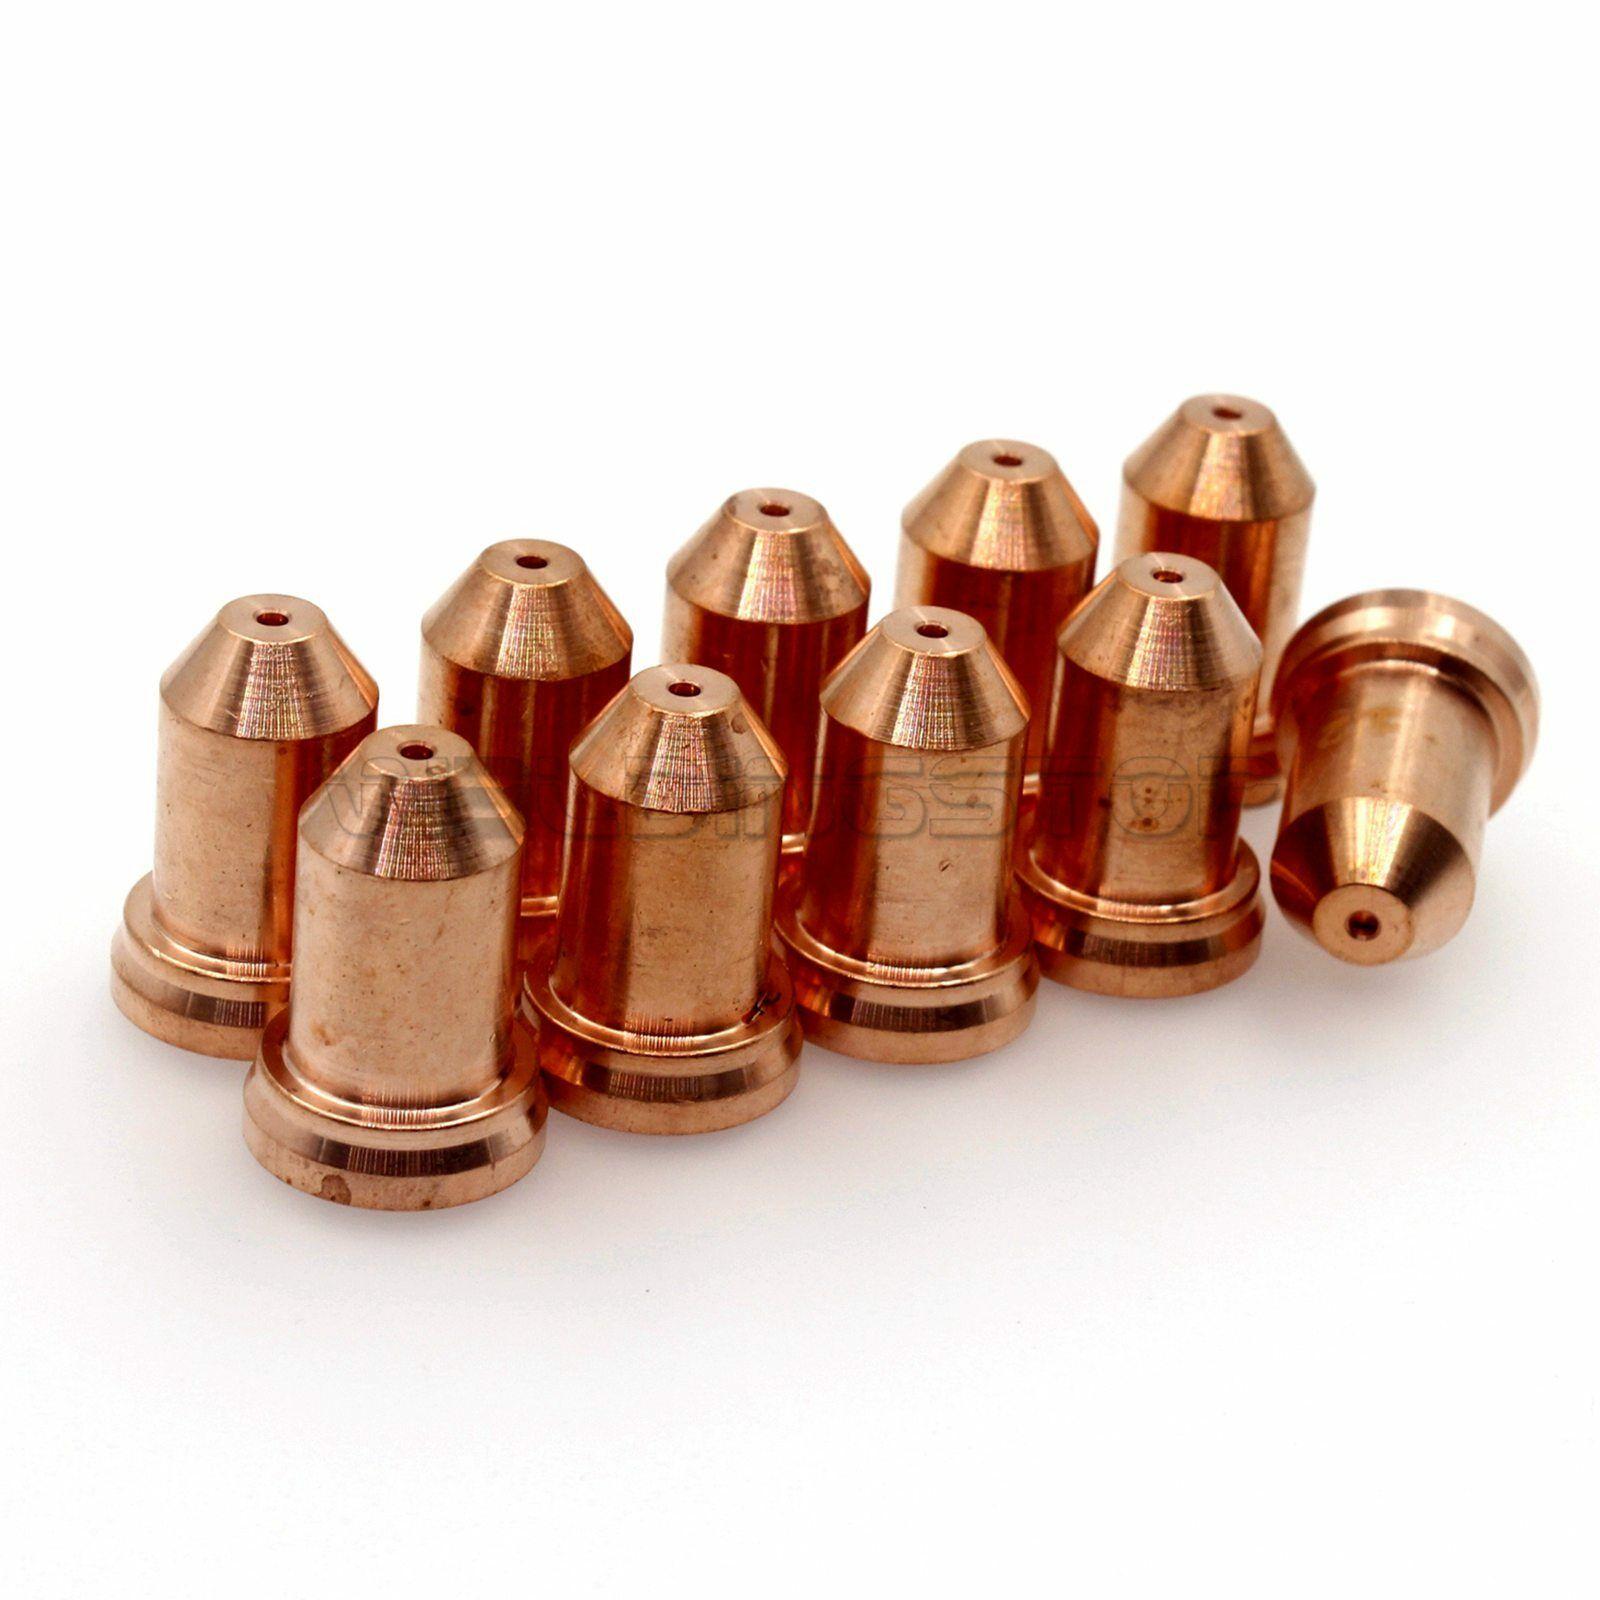 51311.12 / VU0670-12 PT-80 IPT-80 PTM-80 Nozzle Tips WS Plasma Cutting Torch Consumables Nozzle PKG/10